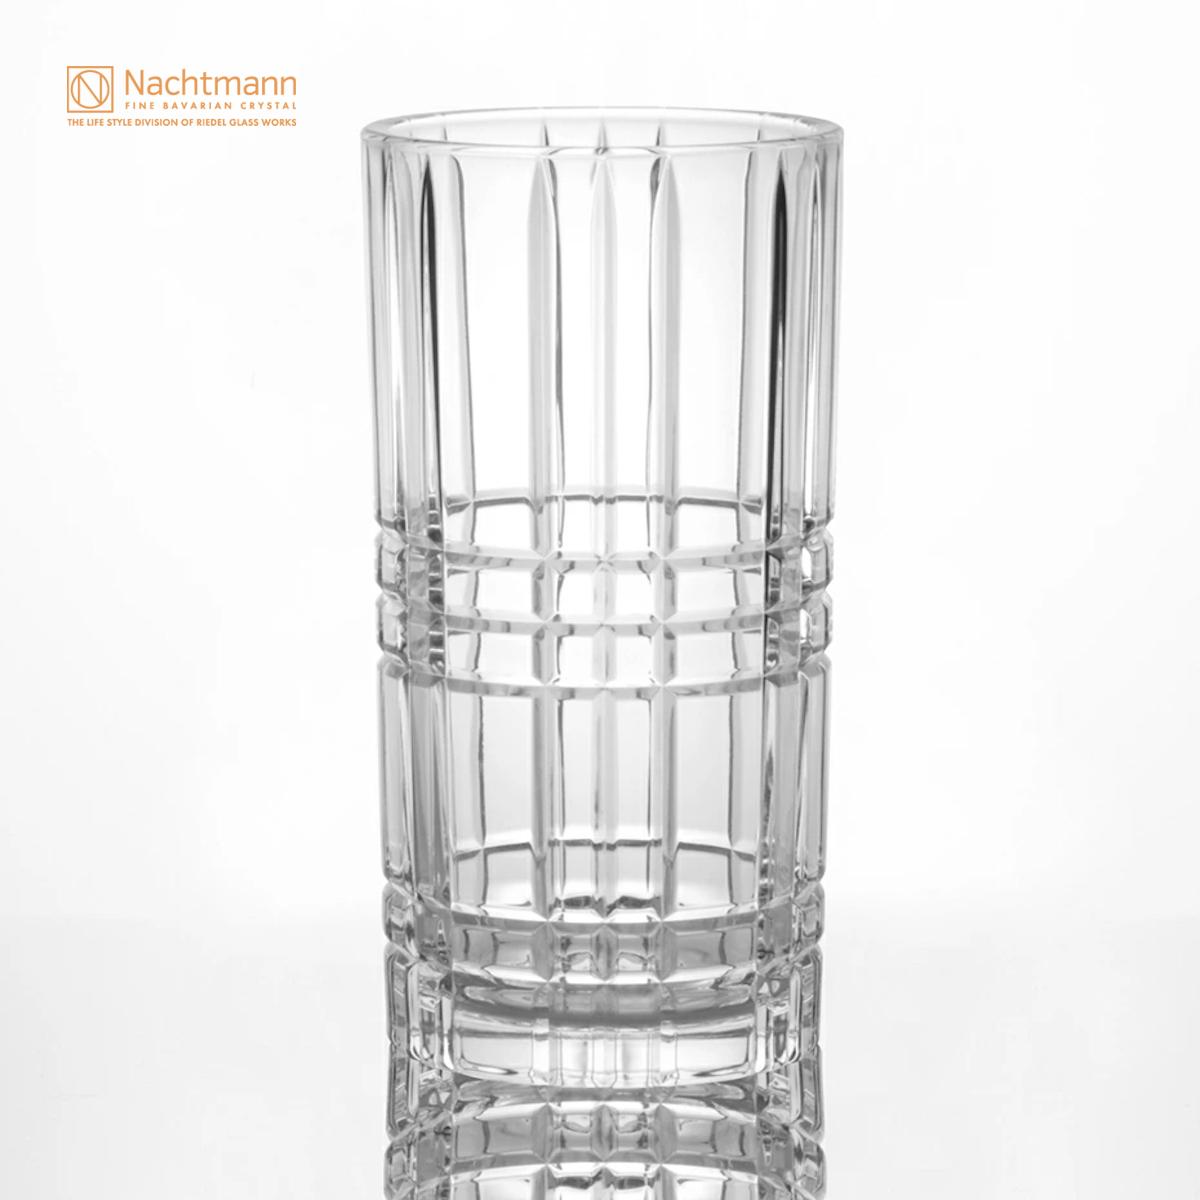 【ナハトマン公式】<スクエア> ベース 28cm(1個入)97782【ラッピング無料】Nachtmann フラワーベース 花器 花瓶 フラワーアレンジ